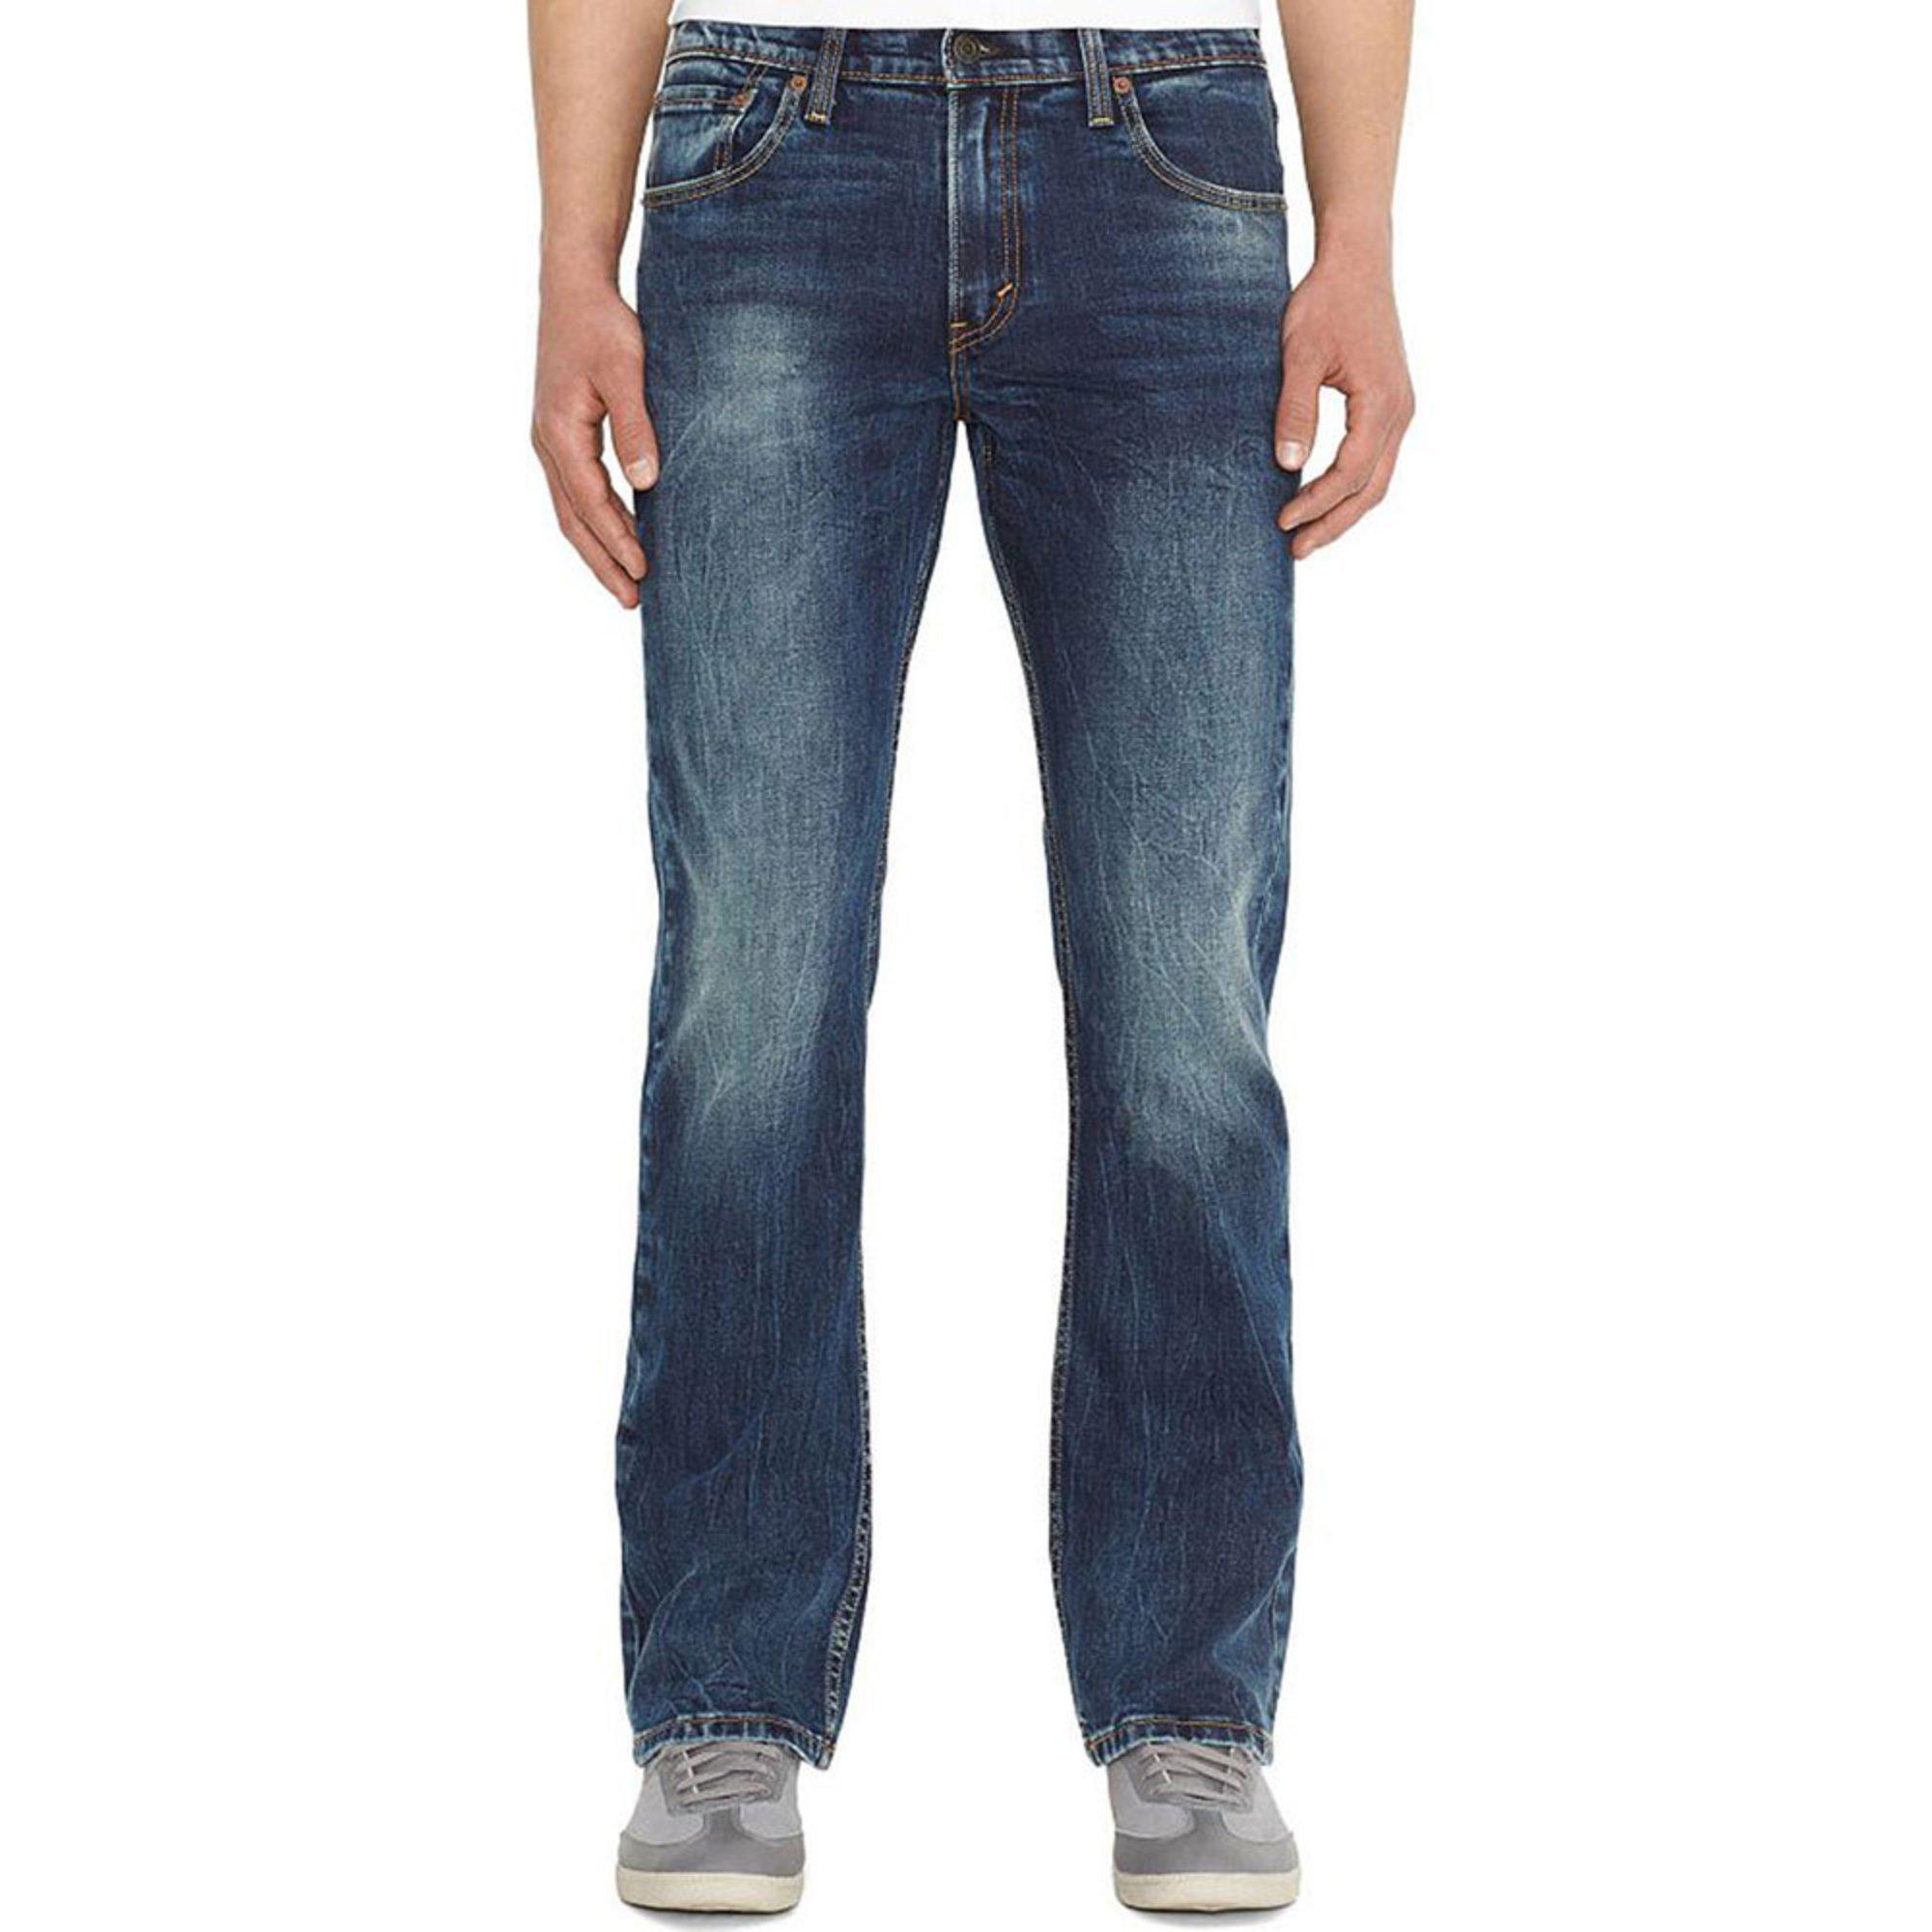 a522768de17 Levi's Men's 527 Slim Fit Bootcut Jeans | Men's Jeans | Apparel ...